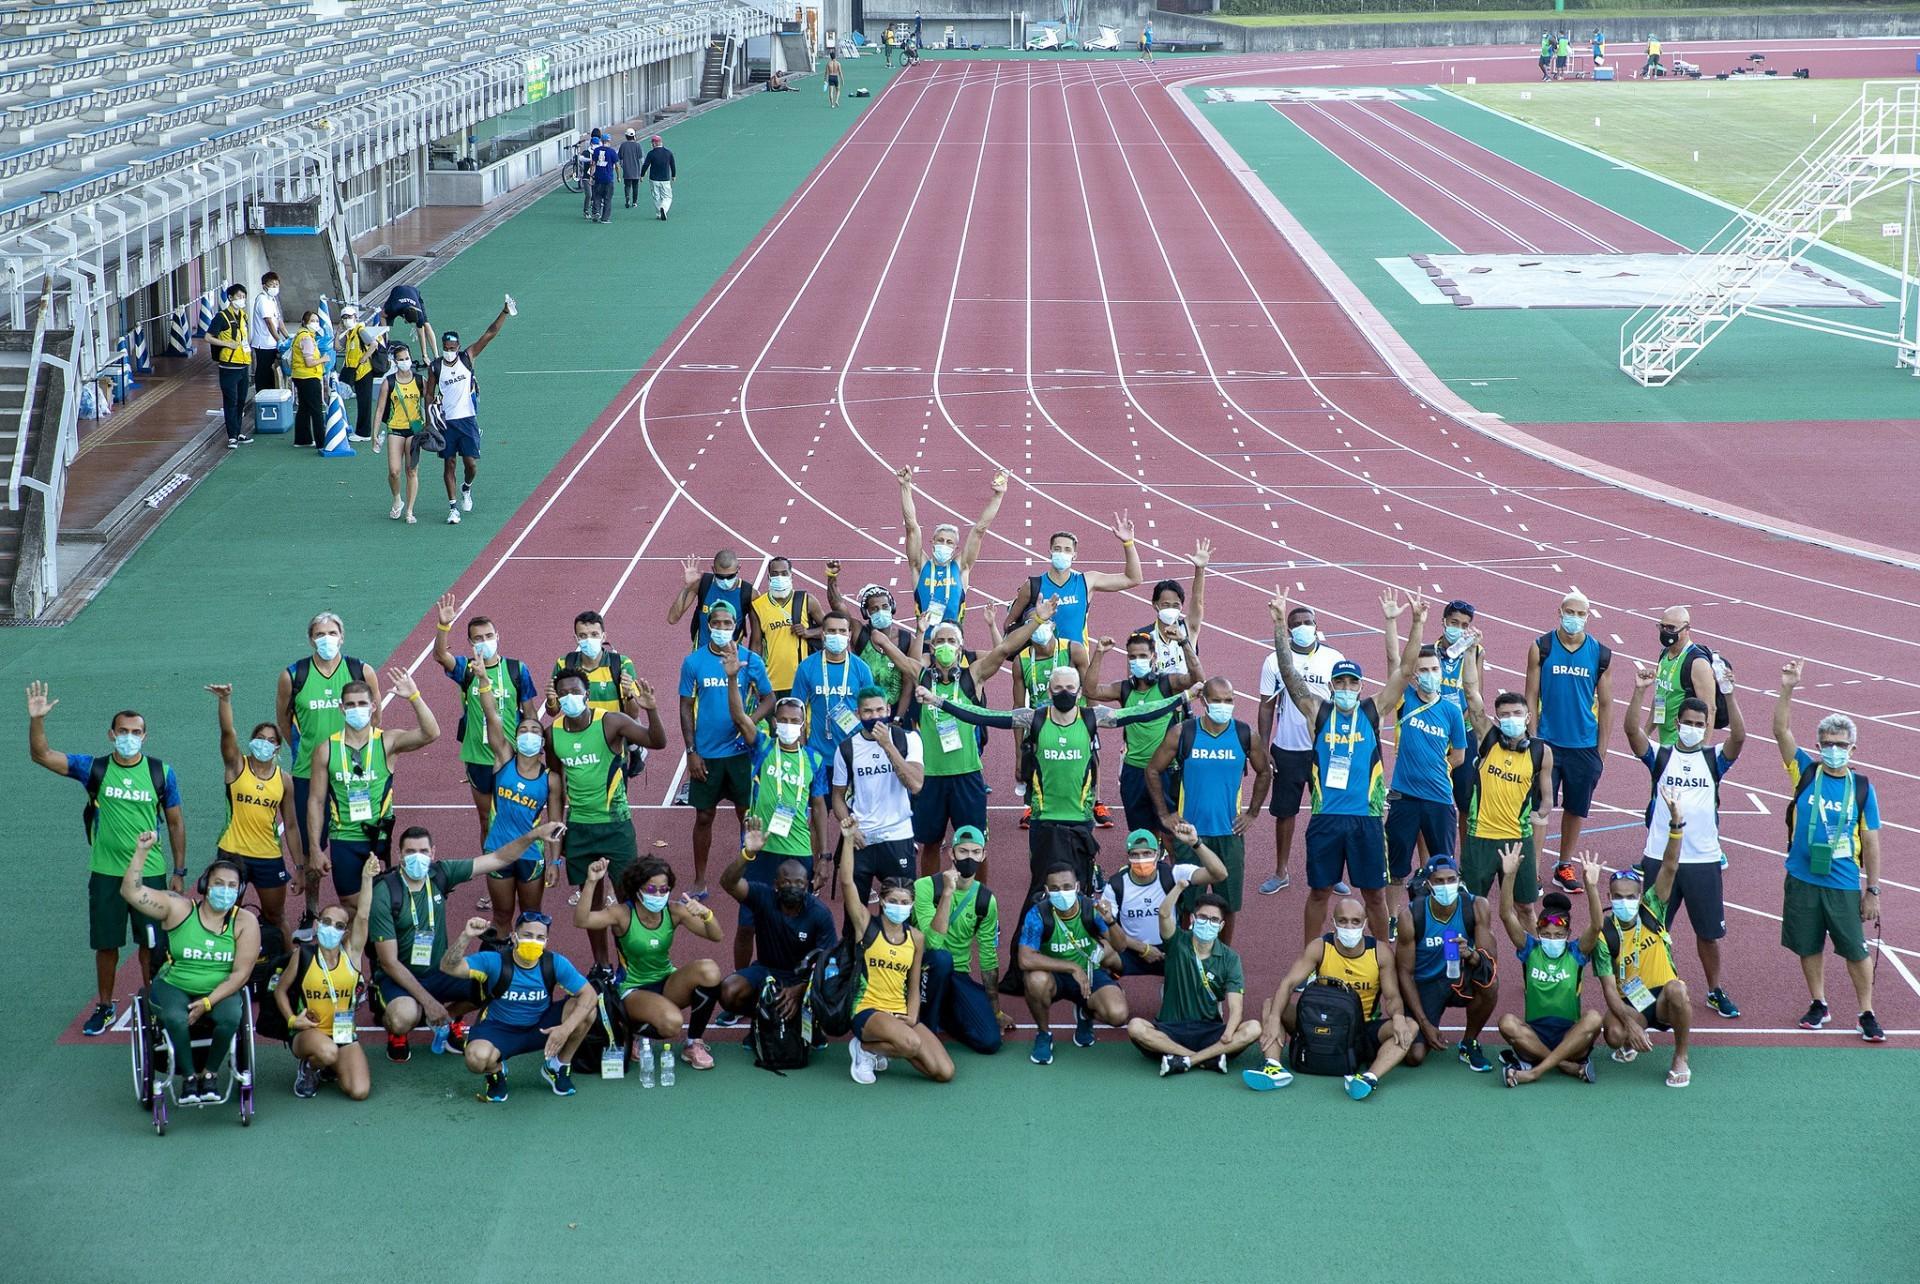 E o Brasil arrasa nas Paralimpíadas! Está no top 10 por 3 edições consecutivas. Atingiu o 7º lugar em Londres 2012.